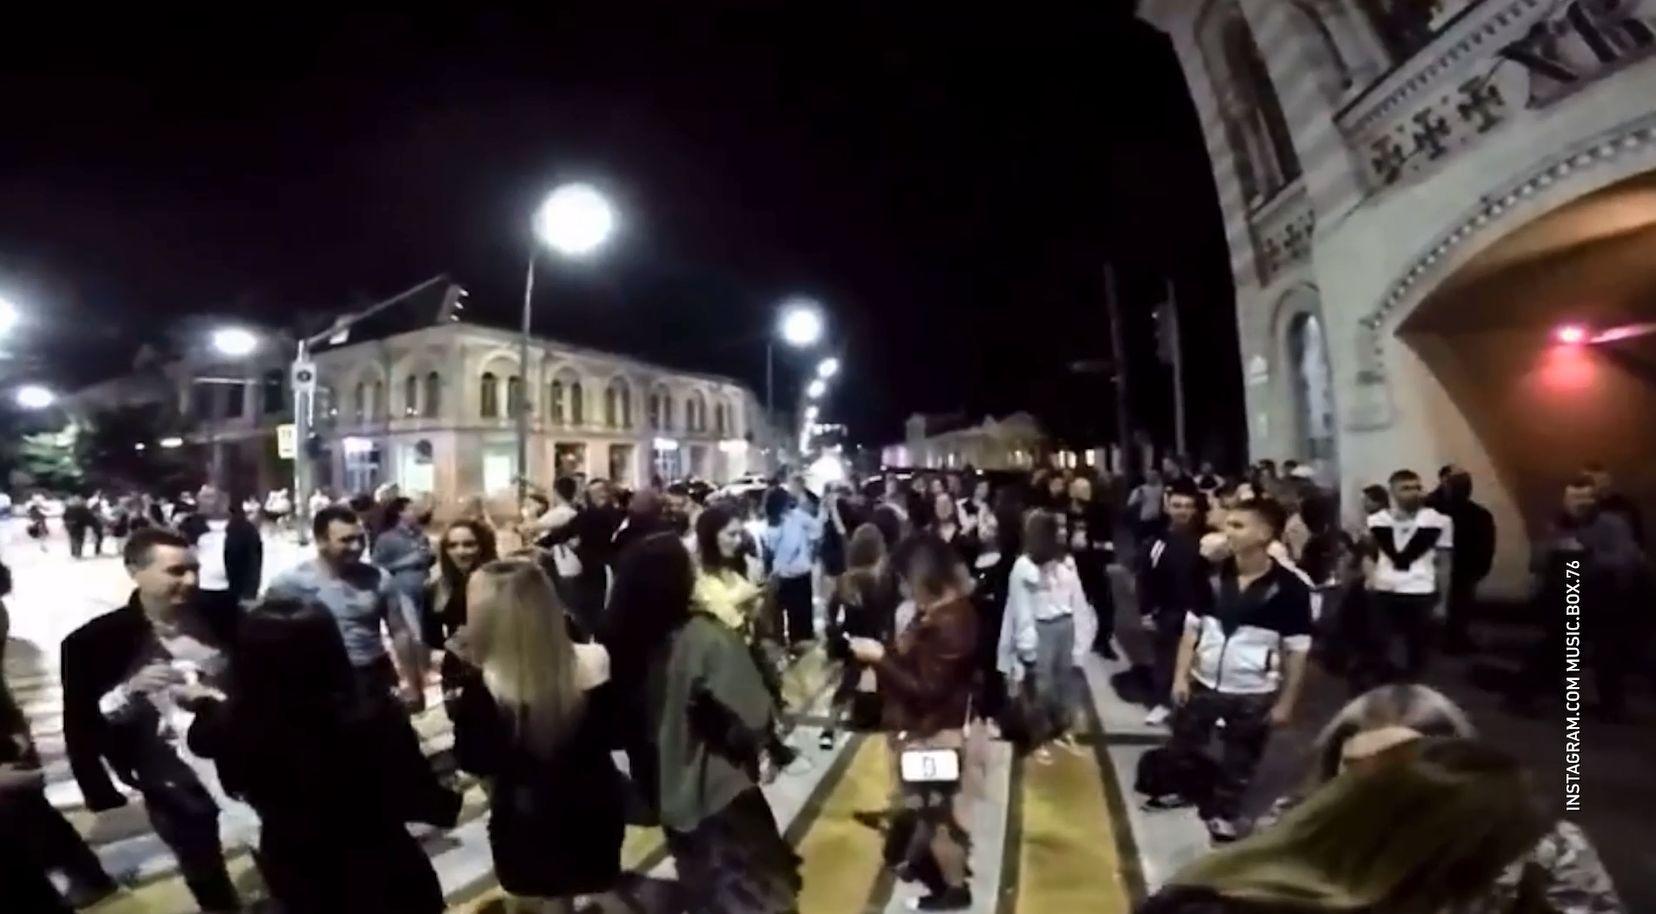 Организатора уличных вечеринок в центре Ярославля могут привлечь к ответственности